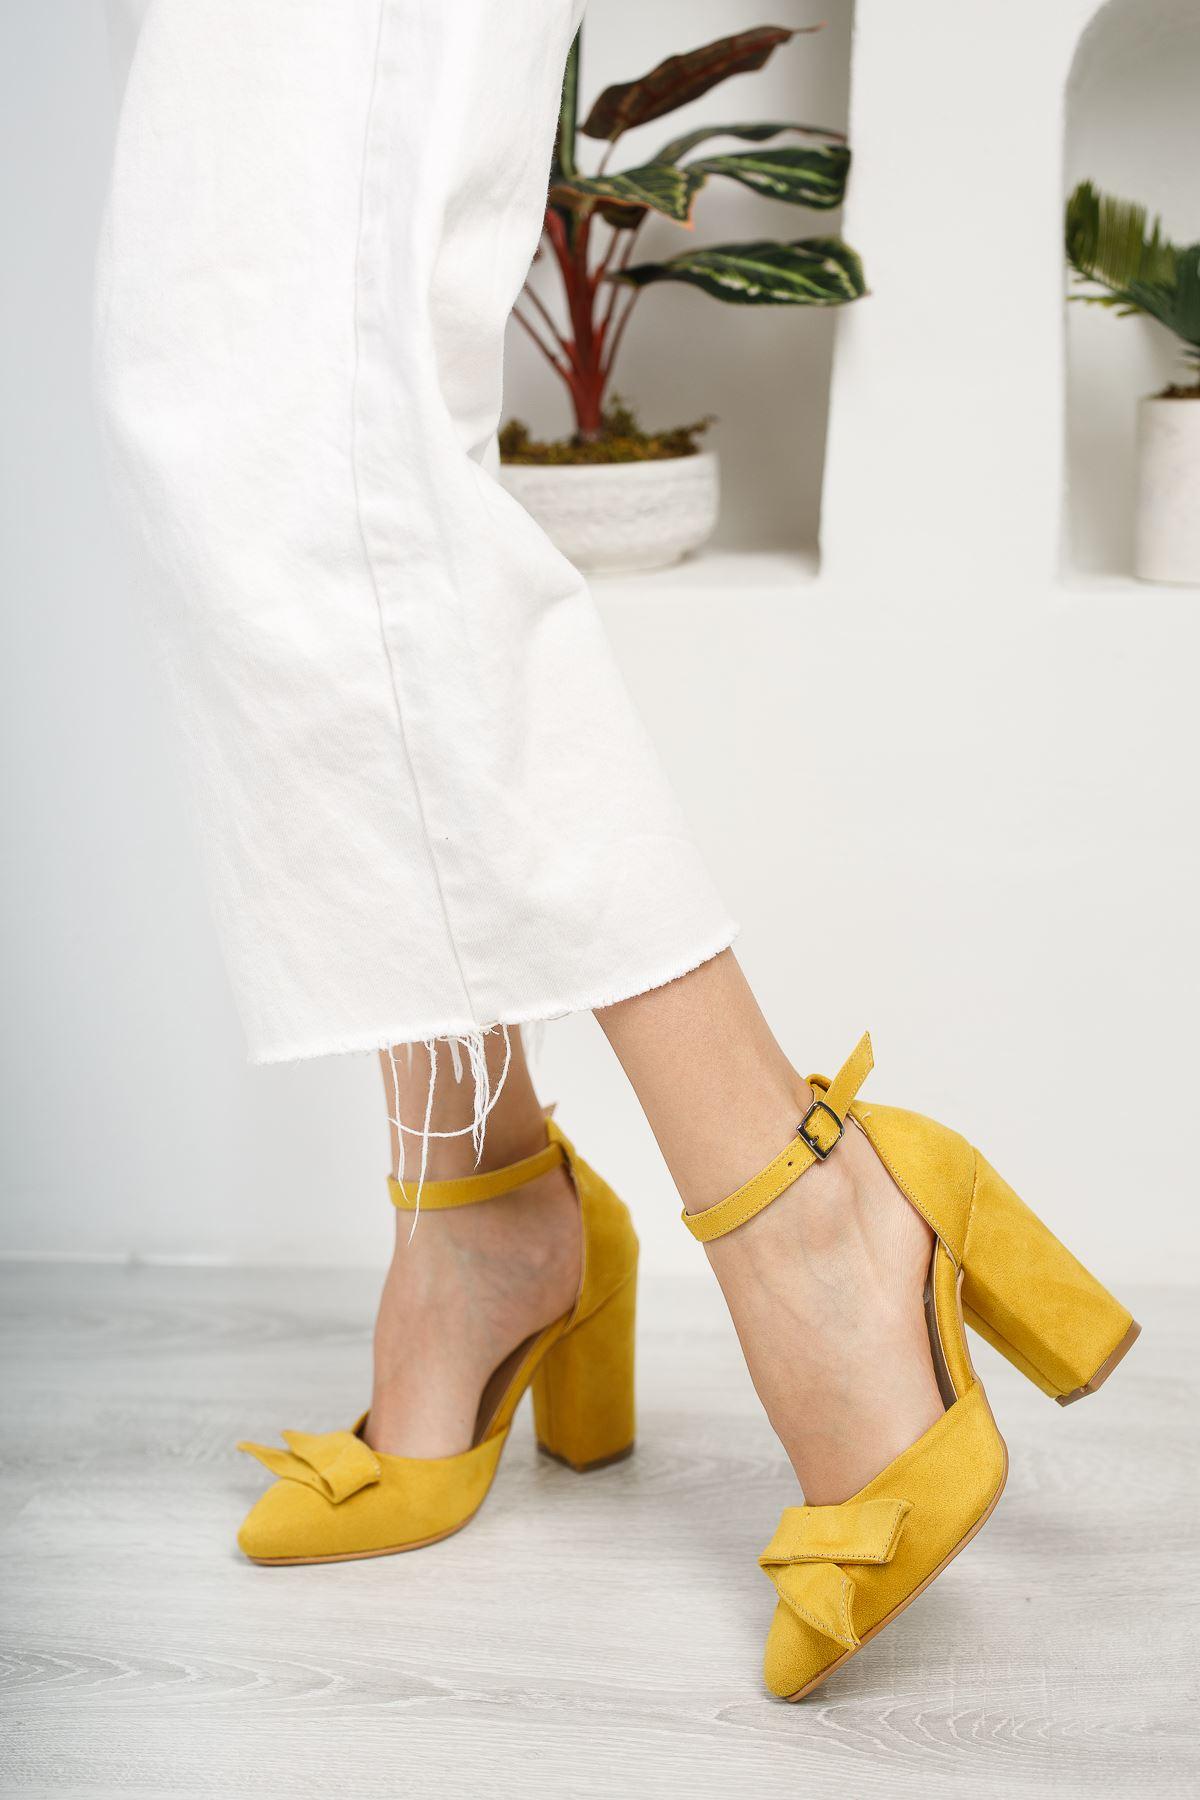 Kadın Cines Kalın Topuklu Sivri Burun Yüksek Topuklu Hardal Süet Ayakkabı